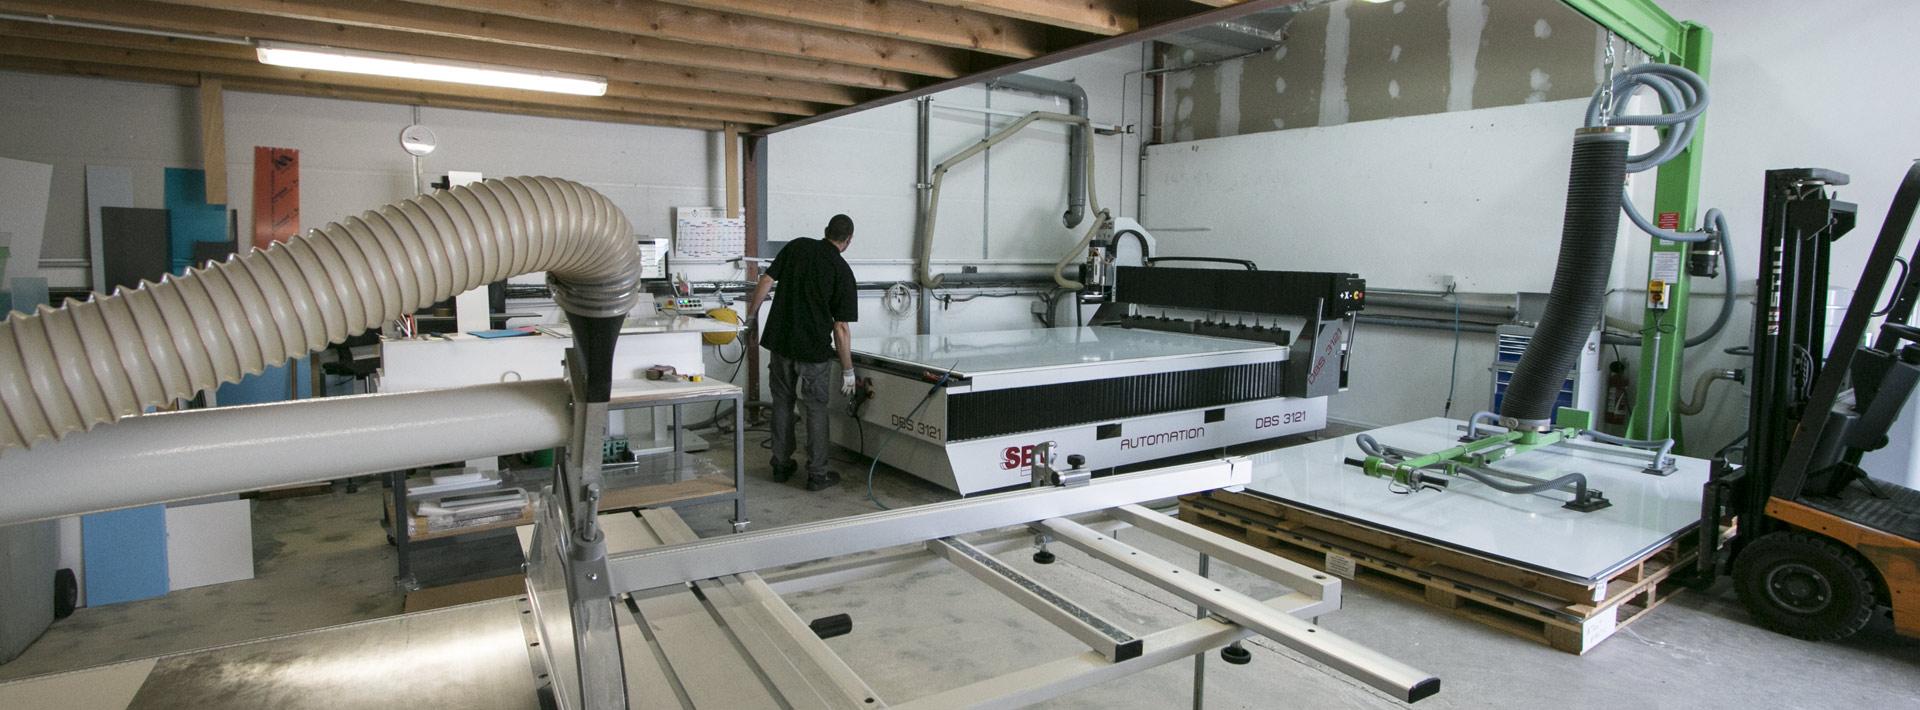 Atelier Atout Plastic - 44 Carquefou